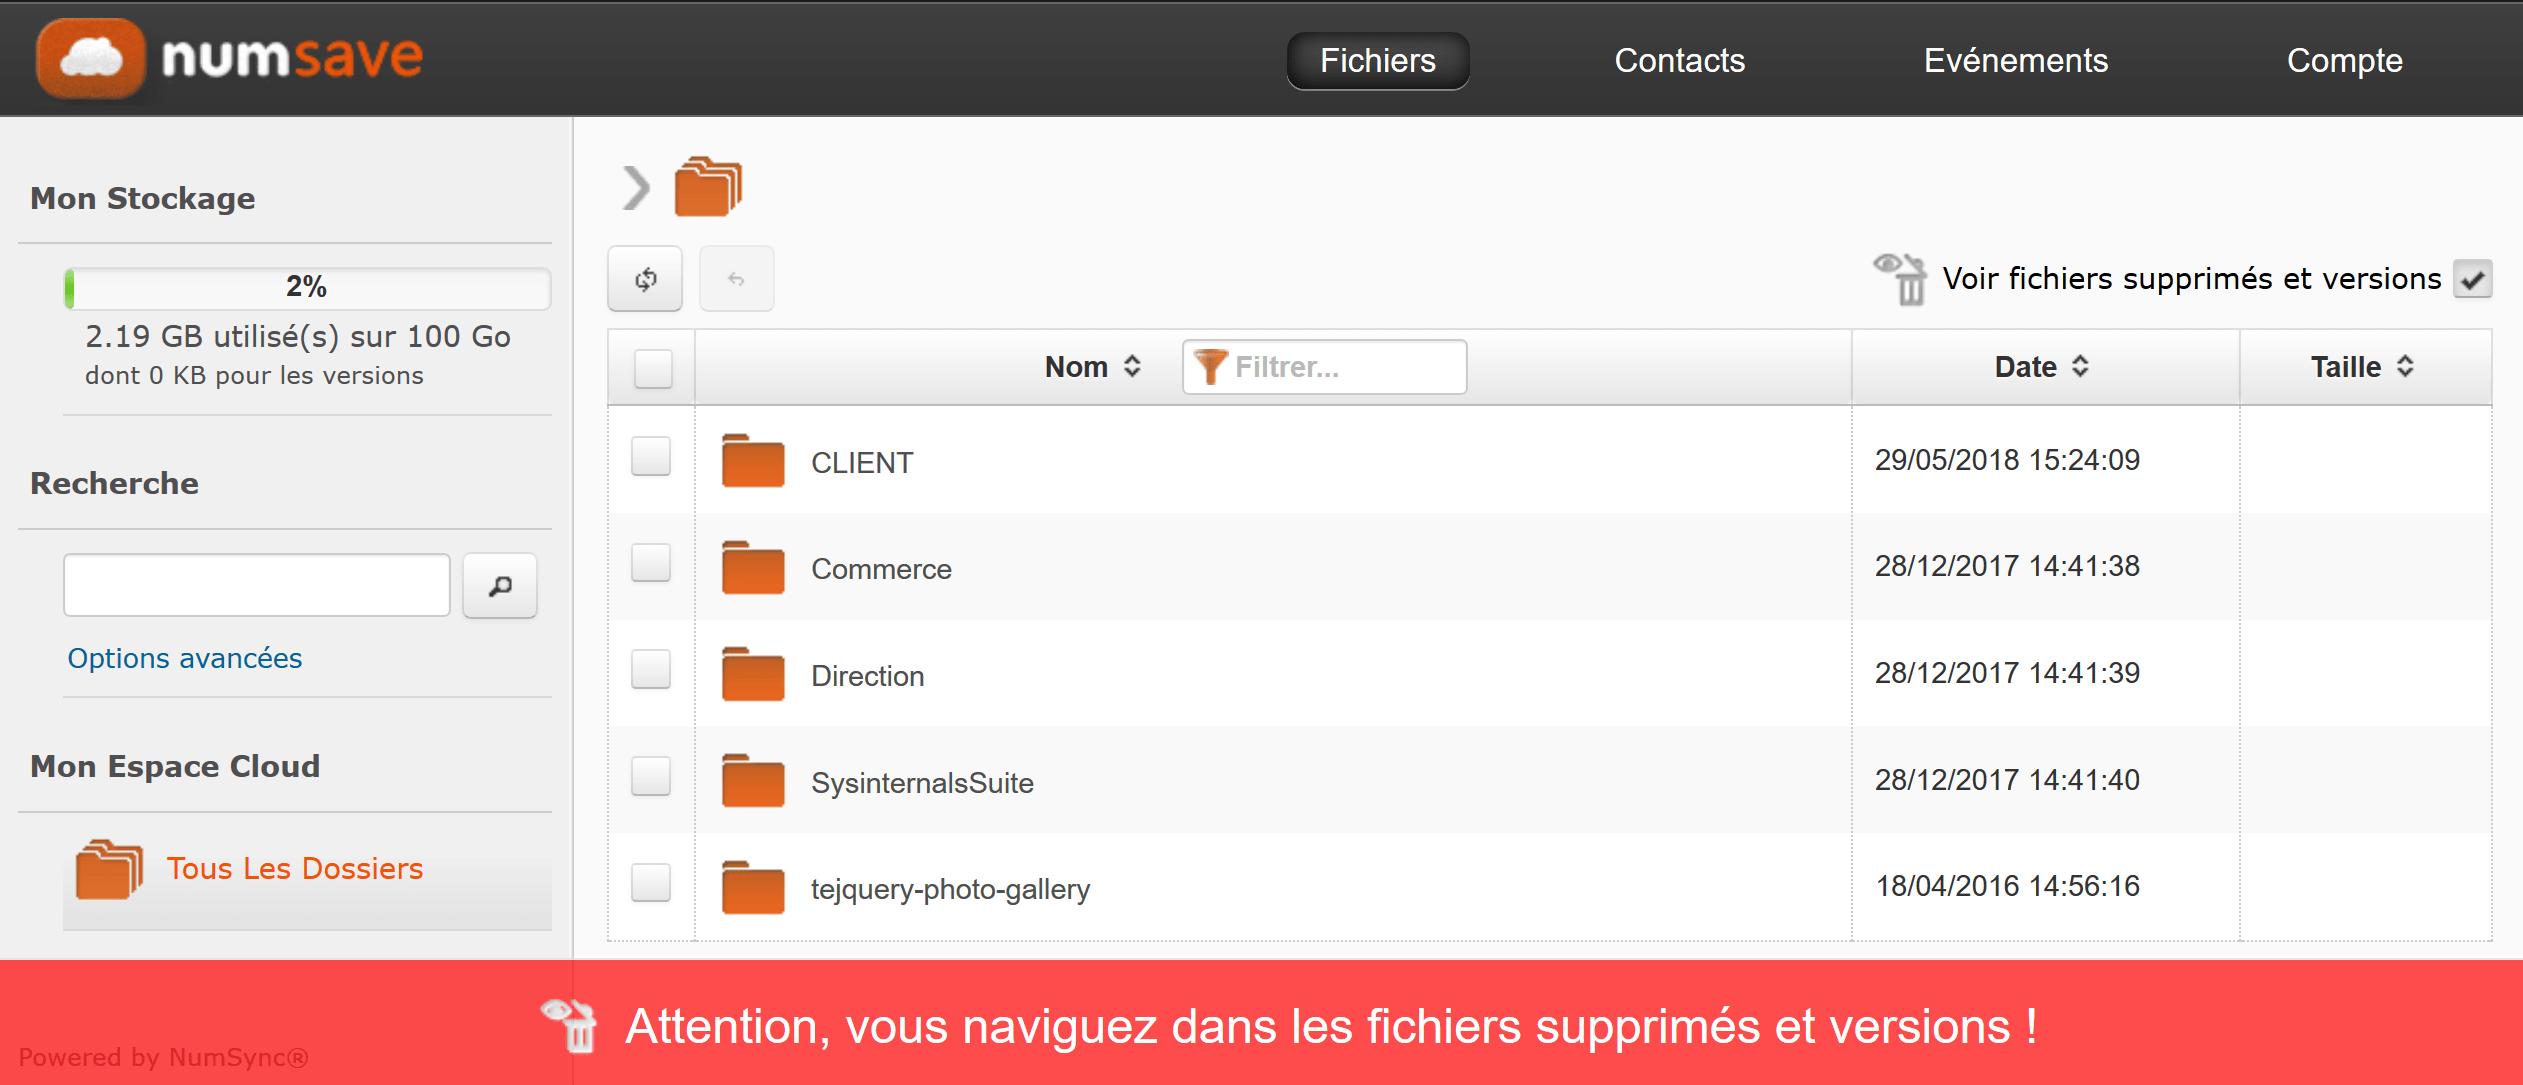 Accédez à vos dernières versions de fichiers dans le web et restaurez les, facilement!